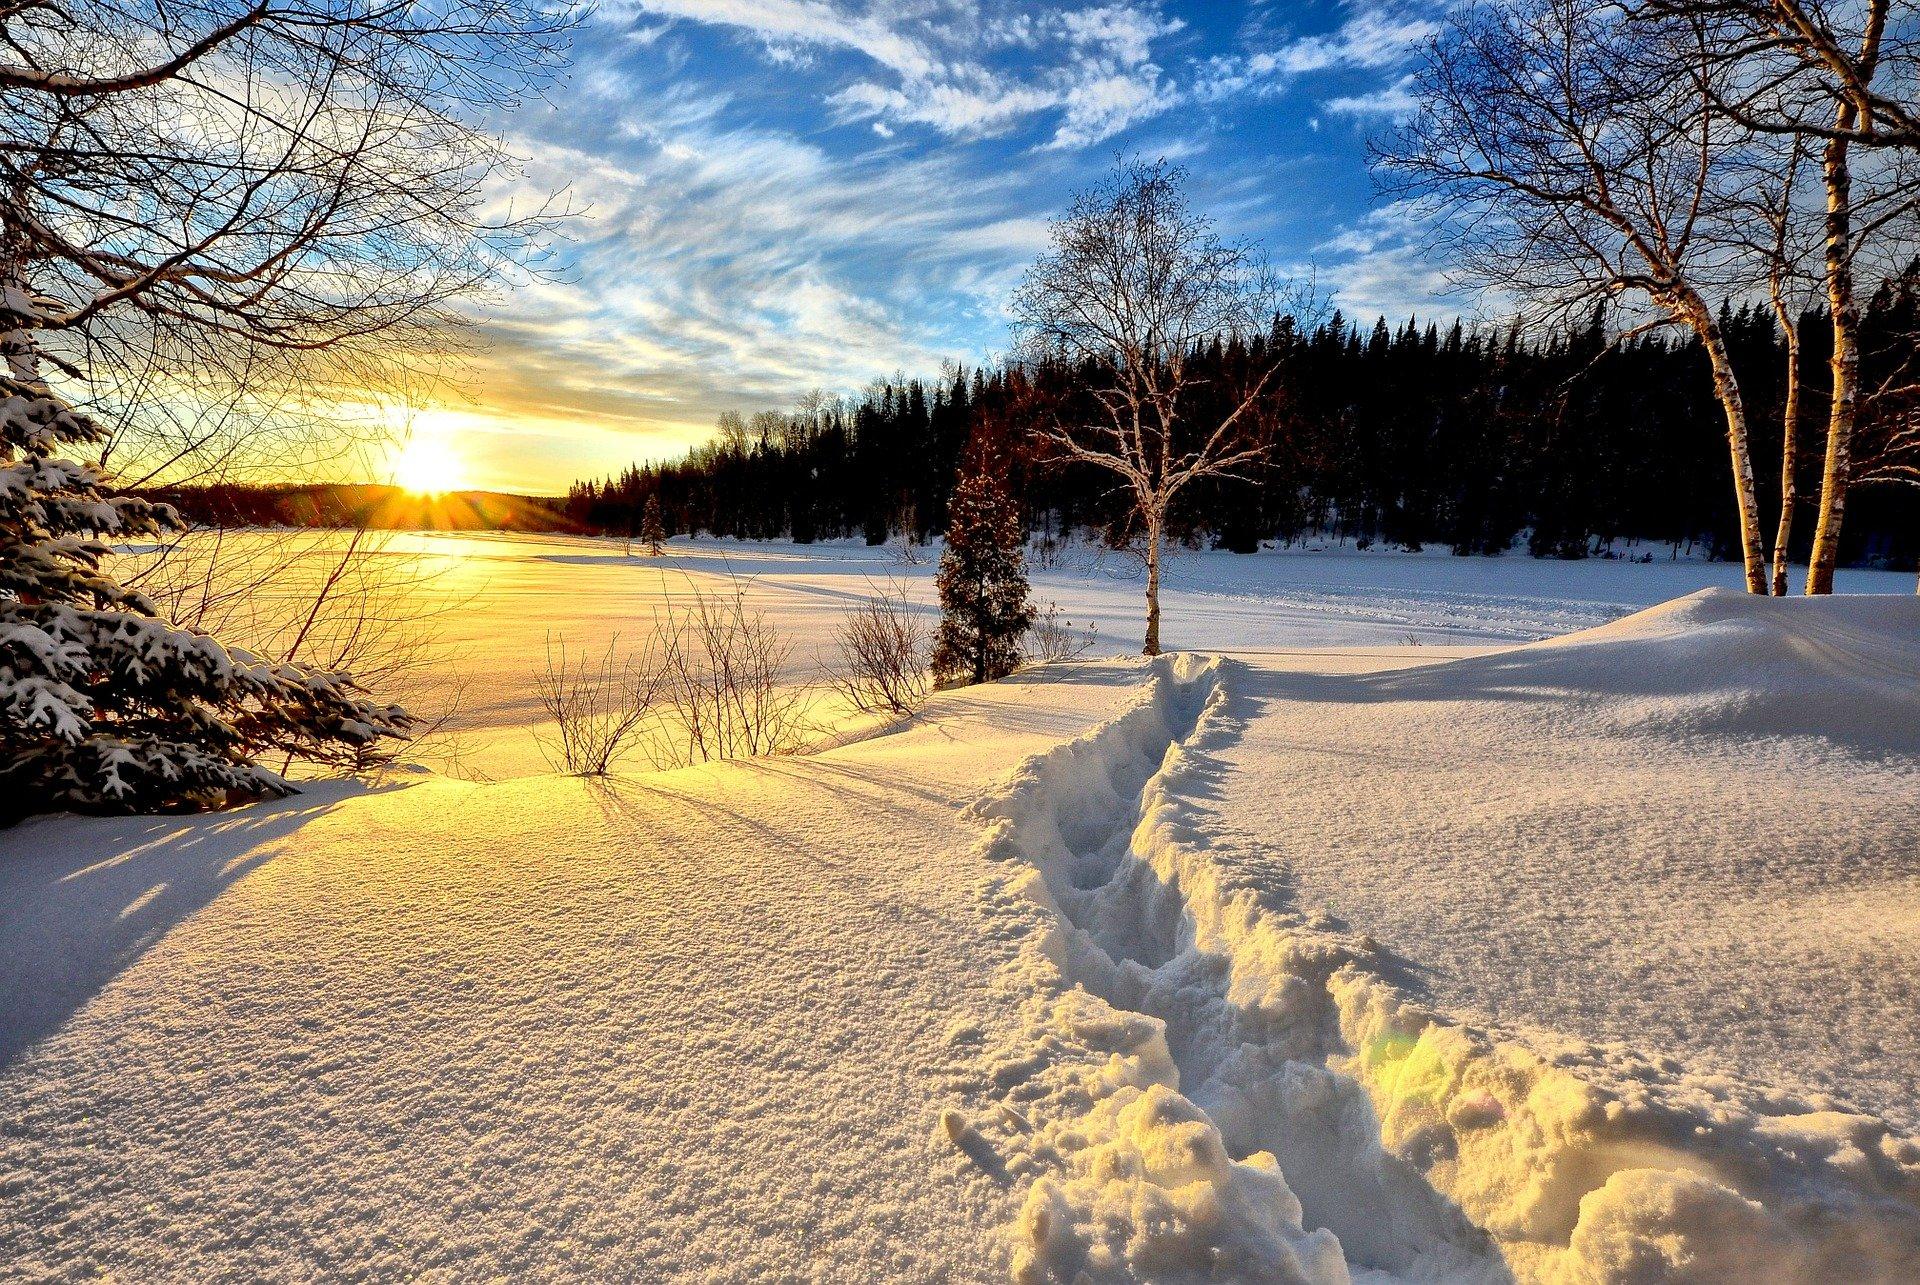 Winterwanderung (Exkursion)